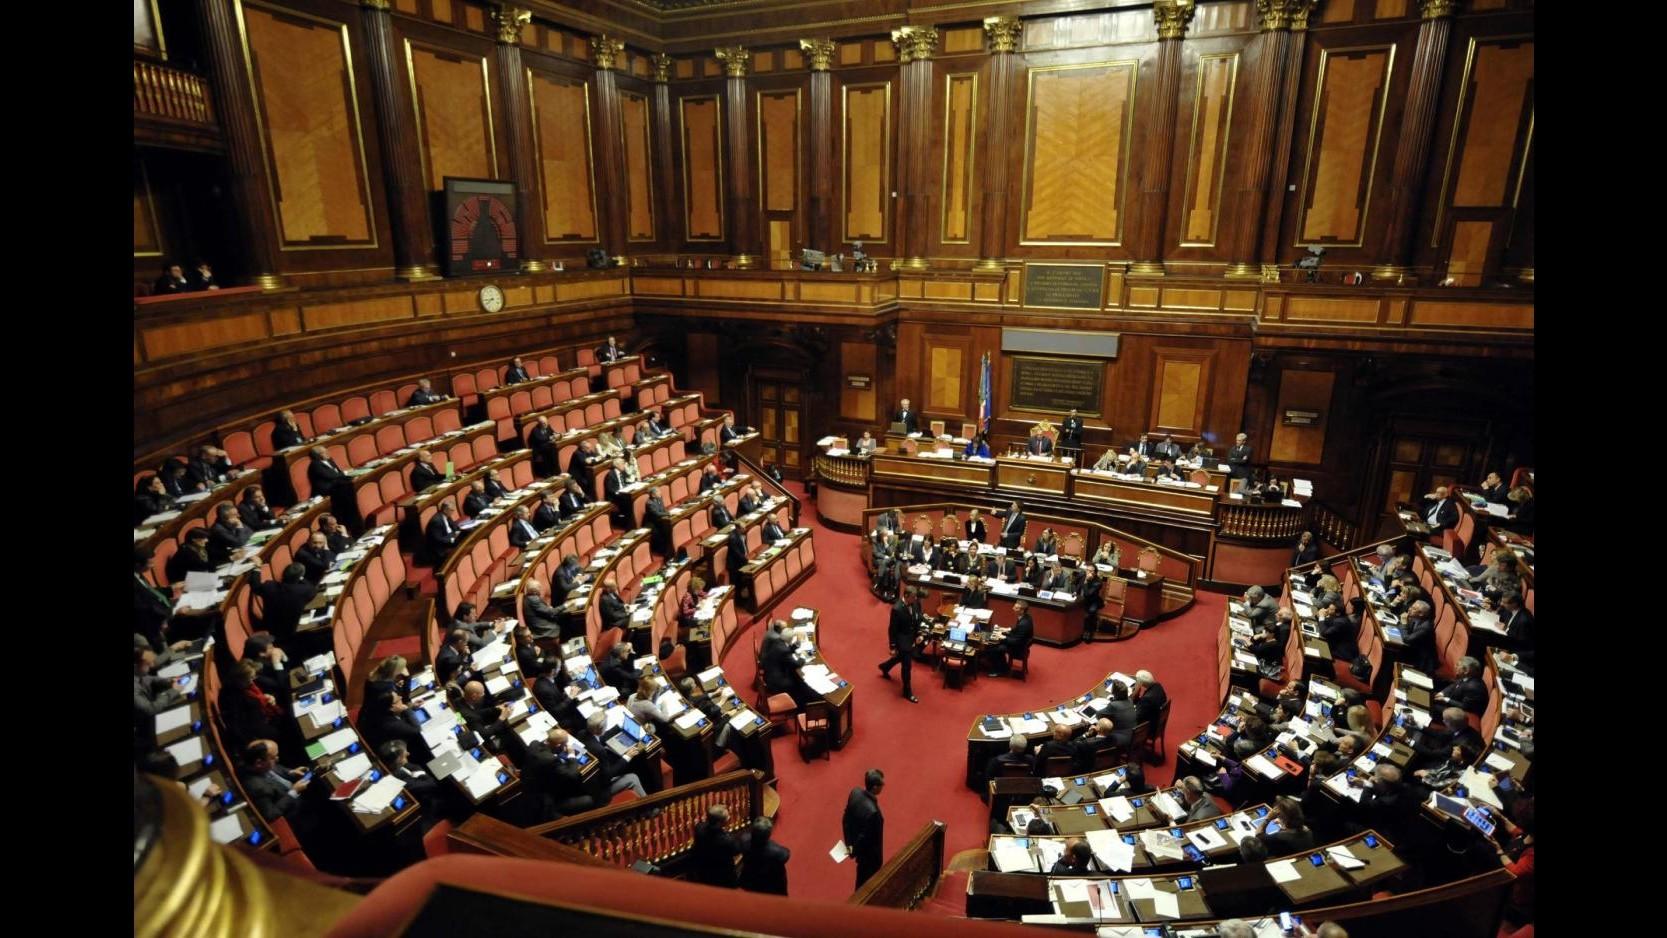 Irpef, Senato: via libera al taglio di 150 milioni alla Rai